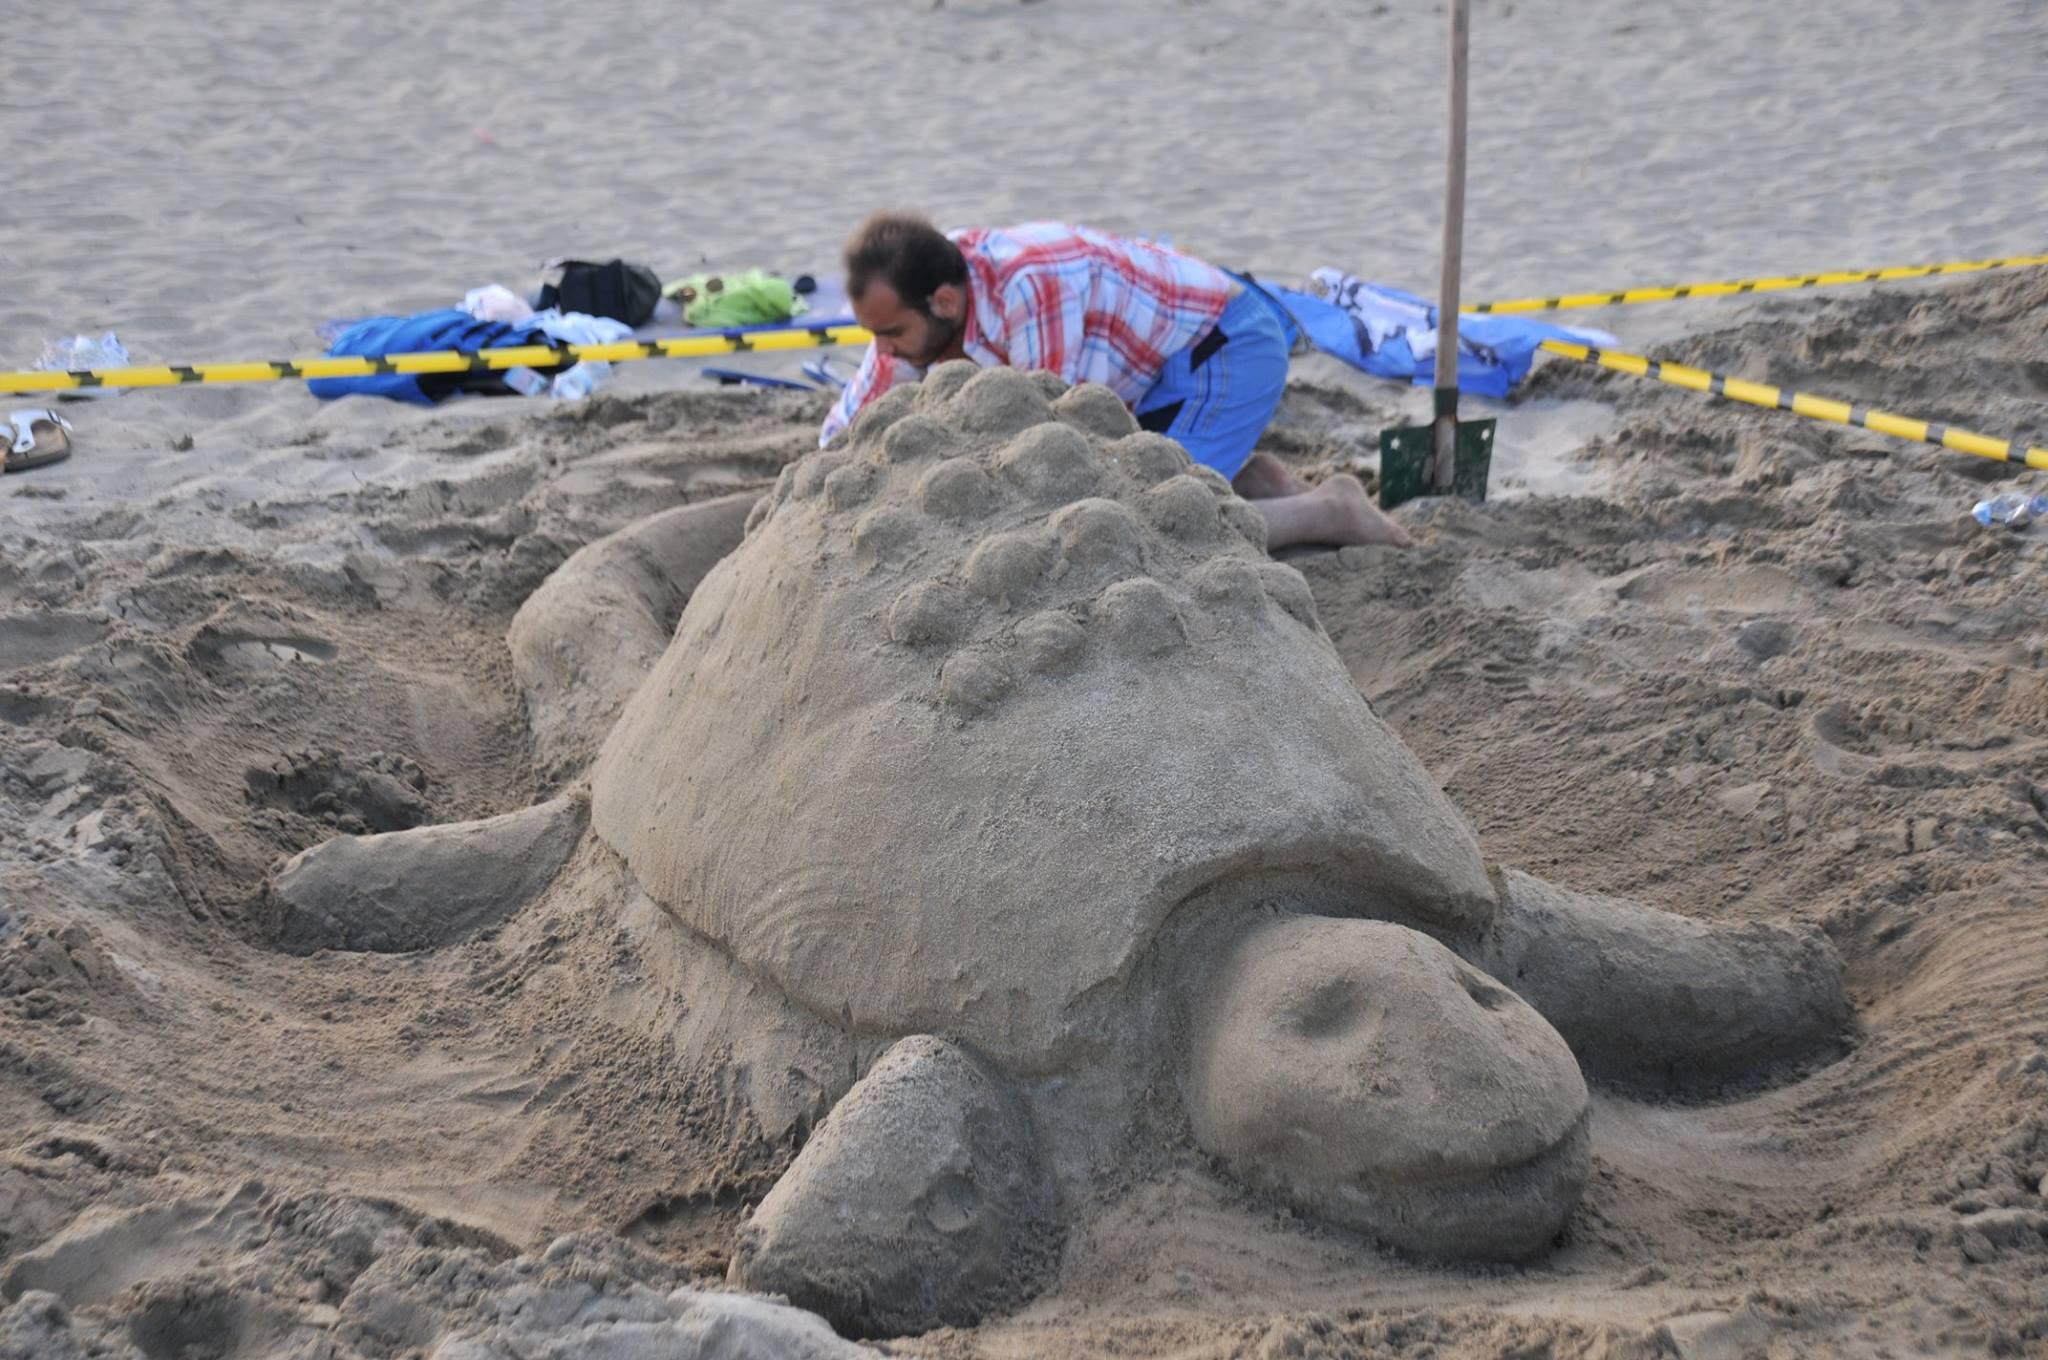 В Фамагусте прошел фестиваль песчаных скульптур